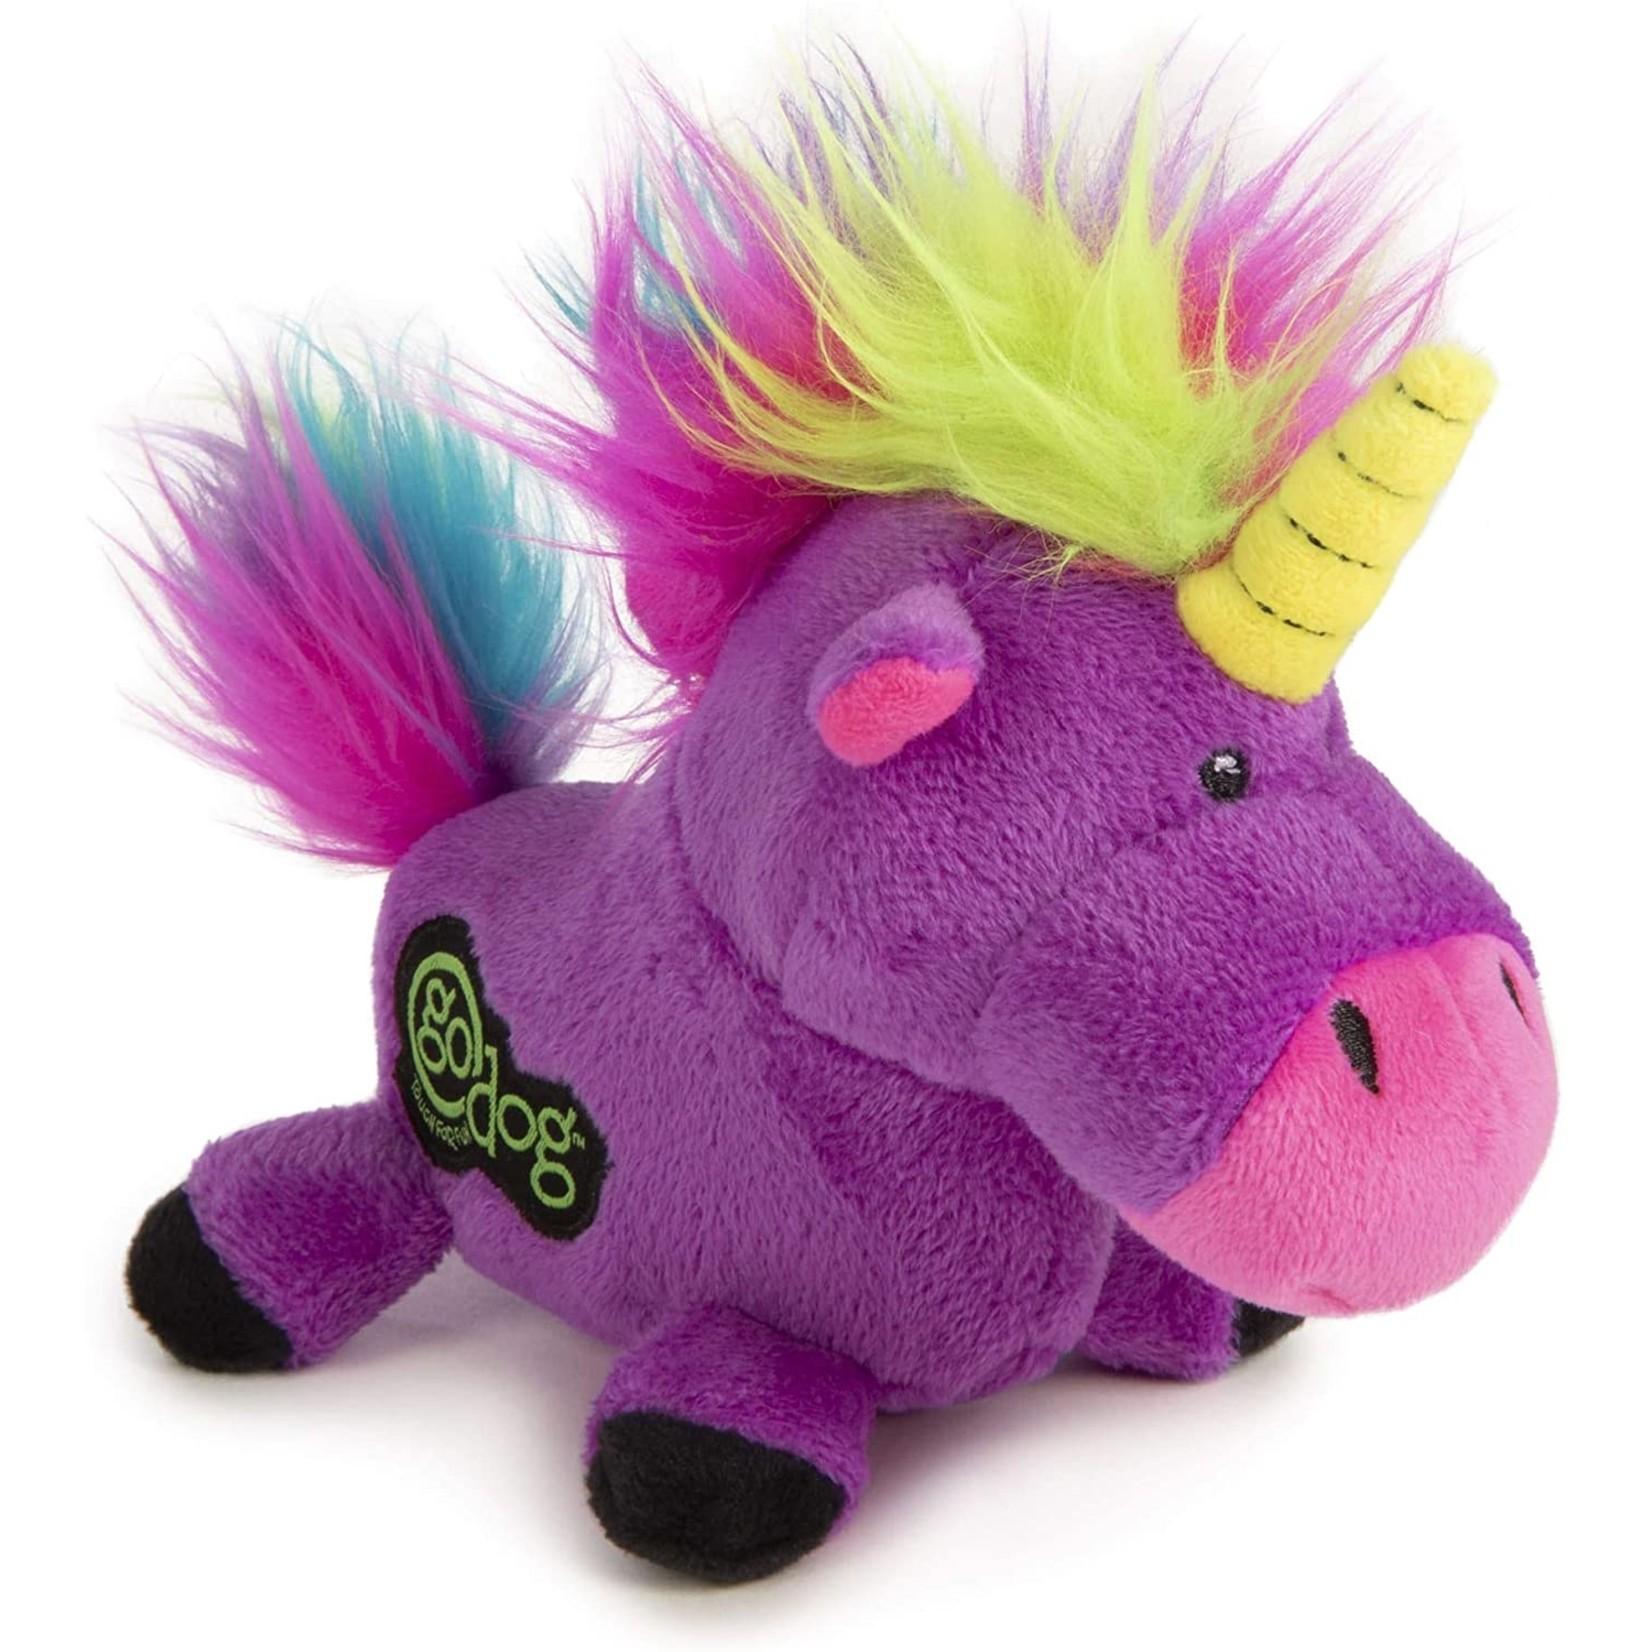 Worldwise/QPG/GoDog GoDog Purple Unicorn Dog Toy Large